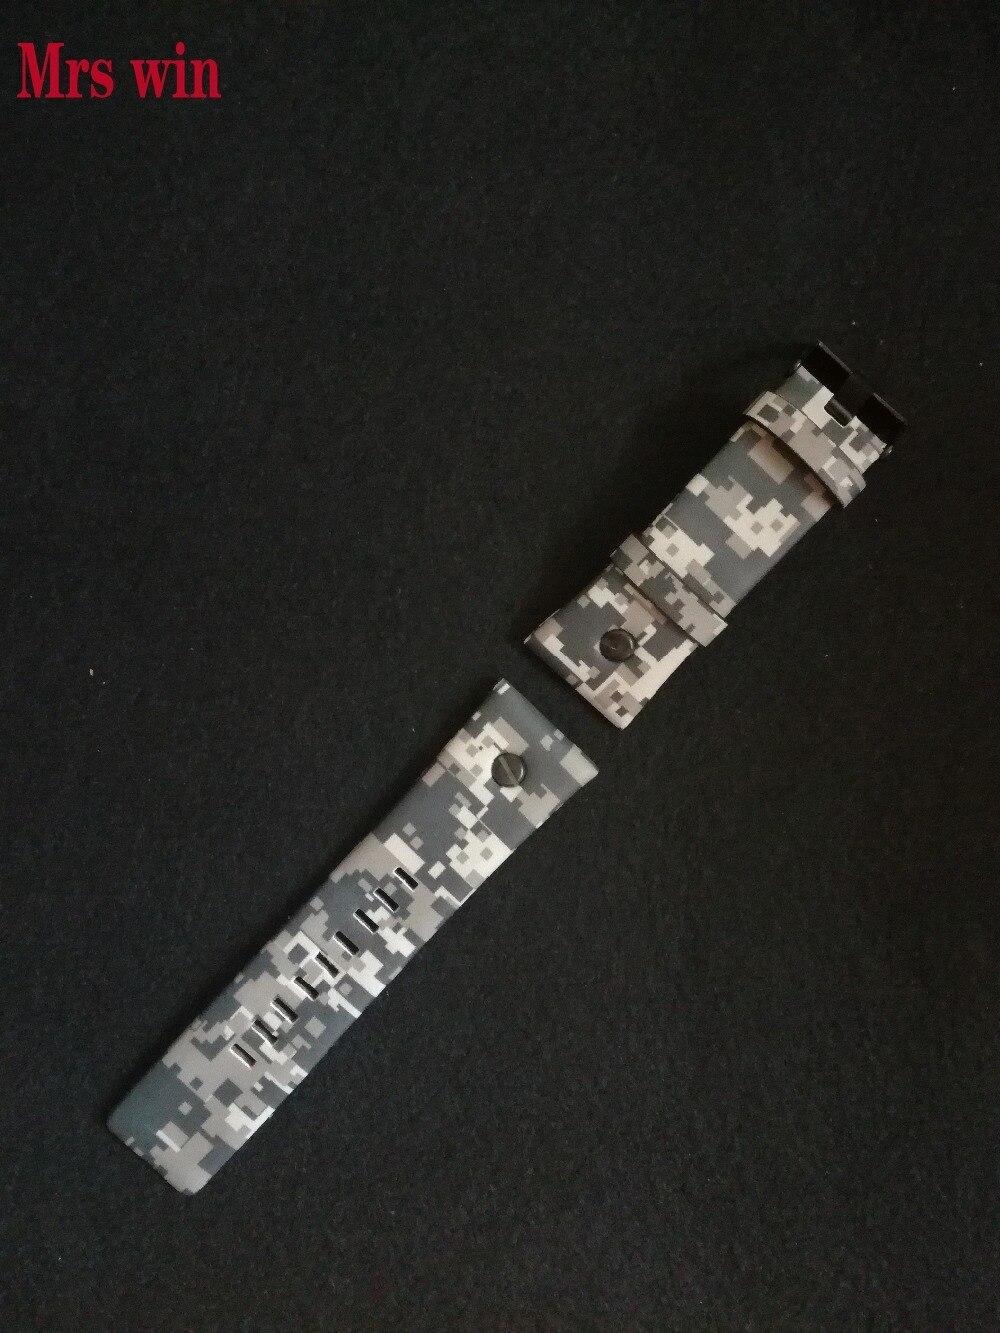 Pani win nowy wysokiej jakości 23mm mężczyźni zegarek pasmo kamuflaż nadające się do DZ pasek na zegarek pasek ze skóry z prawdziwej skóry pasek w Paski do zegarków od Zegarki na  Grupa 2